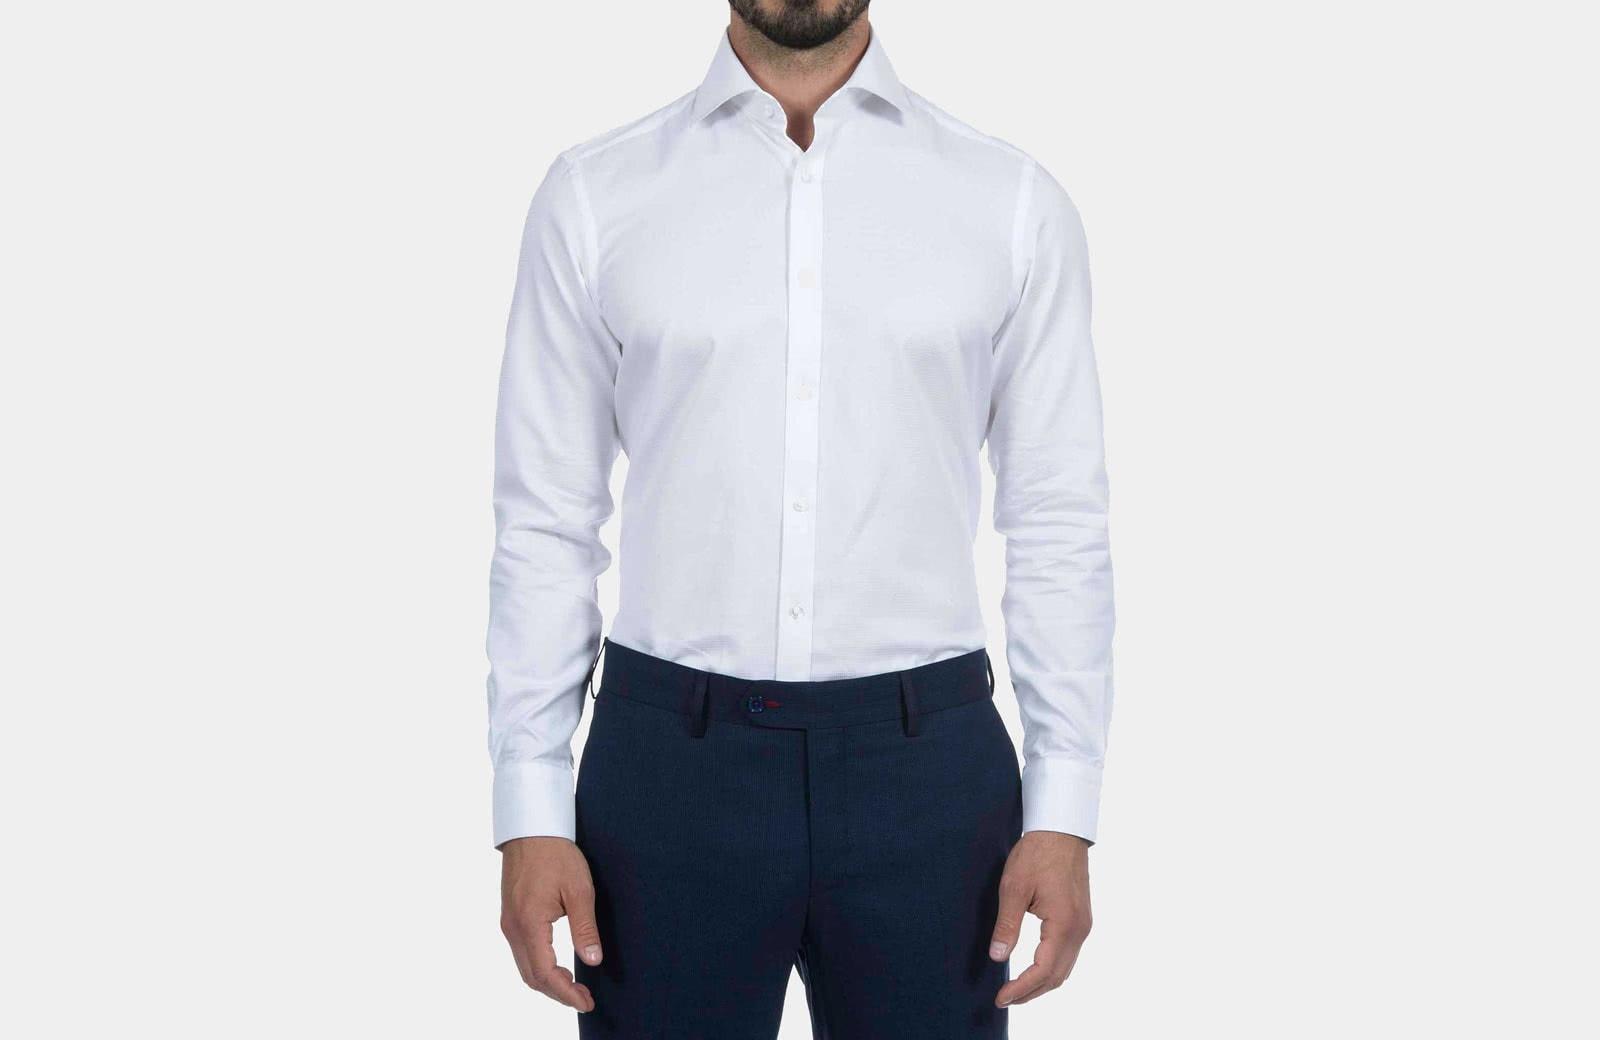 Robert Graham best men summer dress shirt white - Luxe Digital